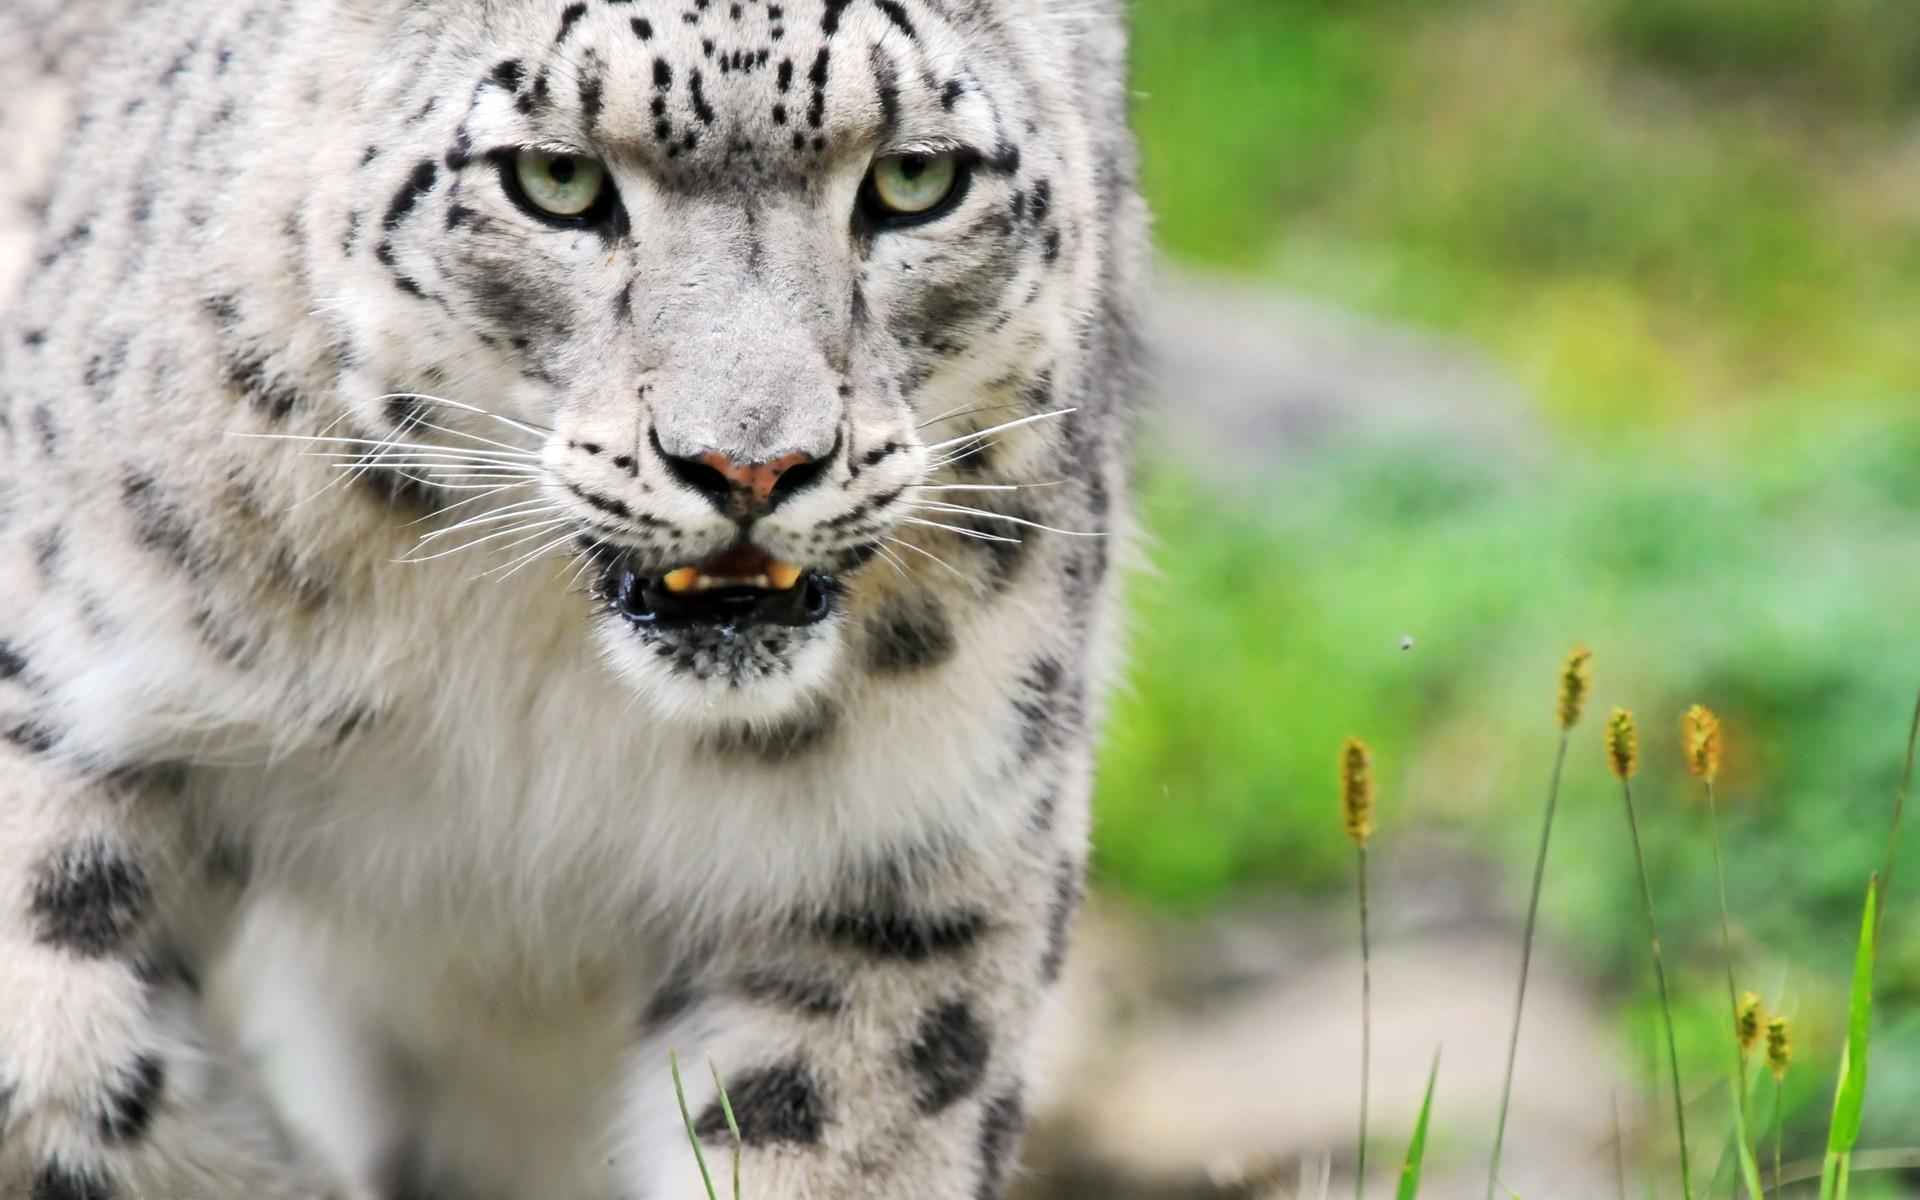 Животные животные кошка киса глаза